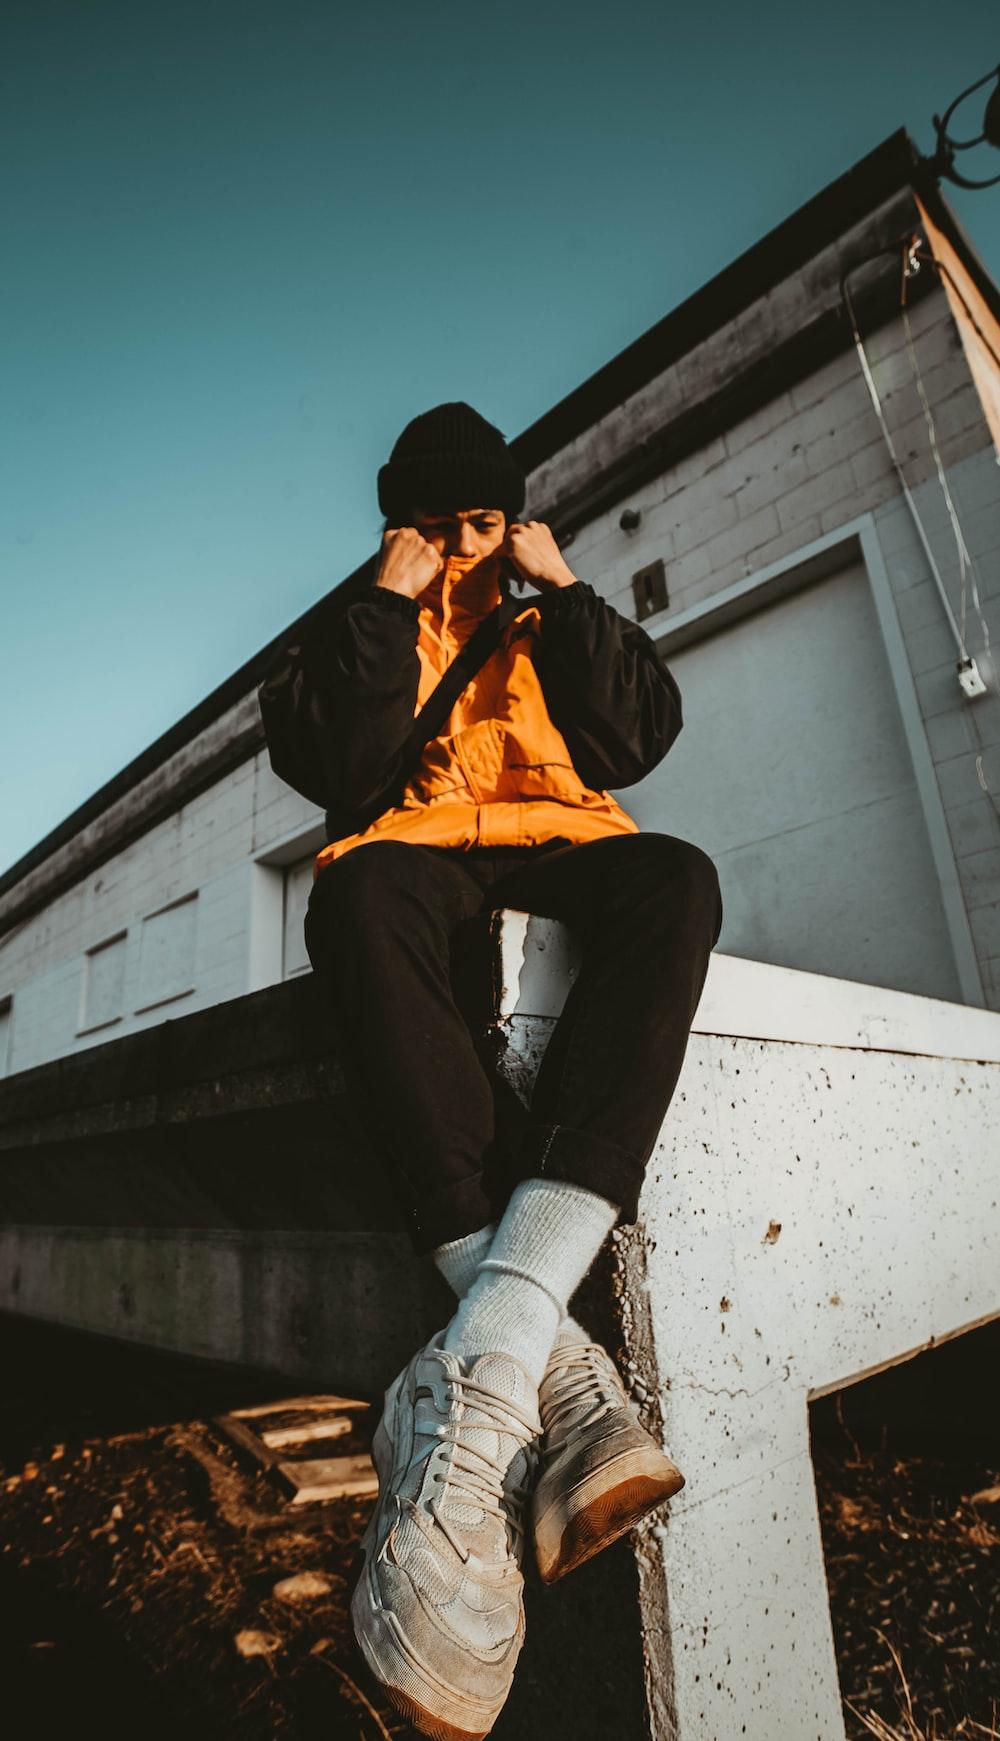 man wearing orange and black jacket